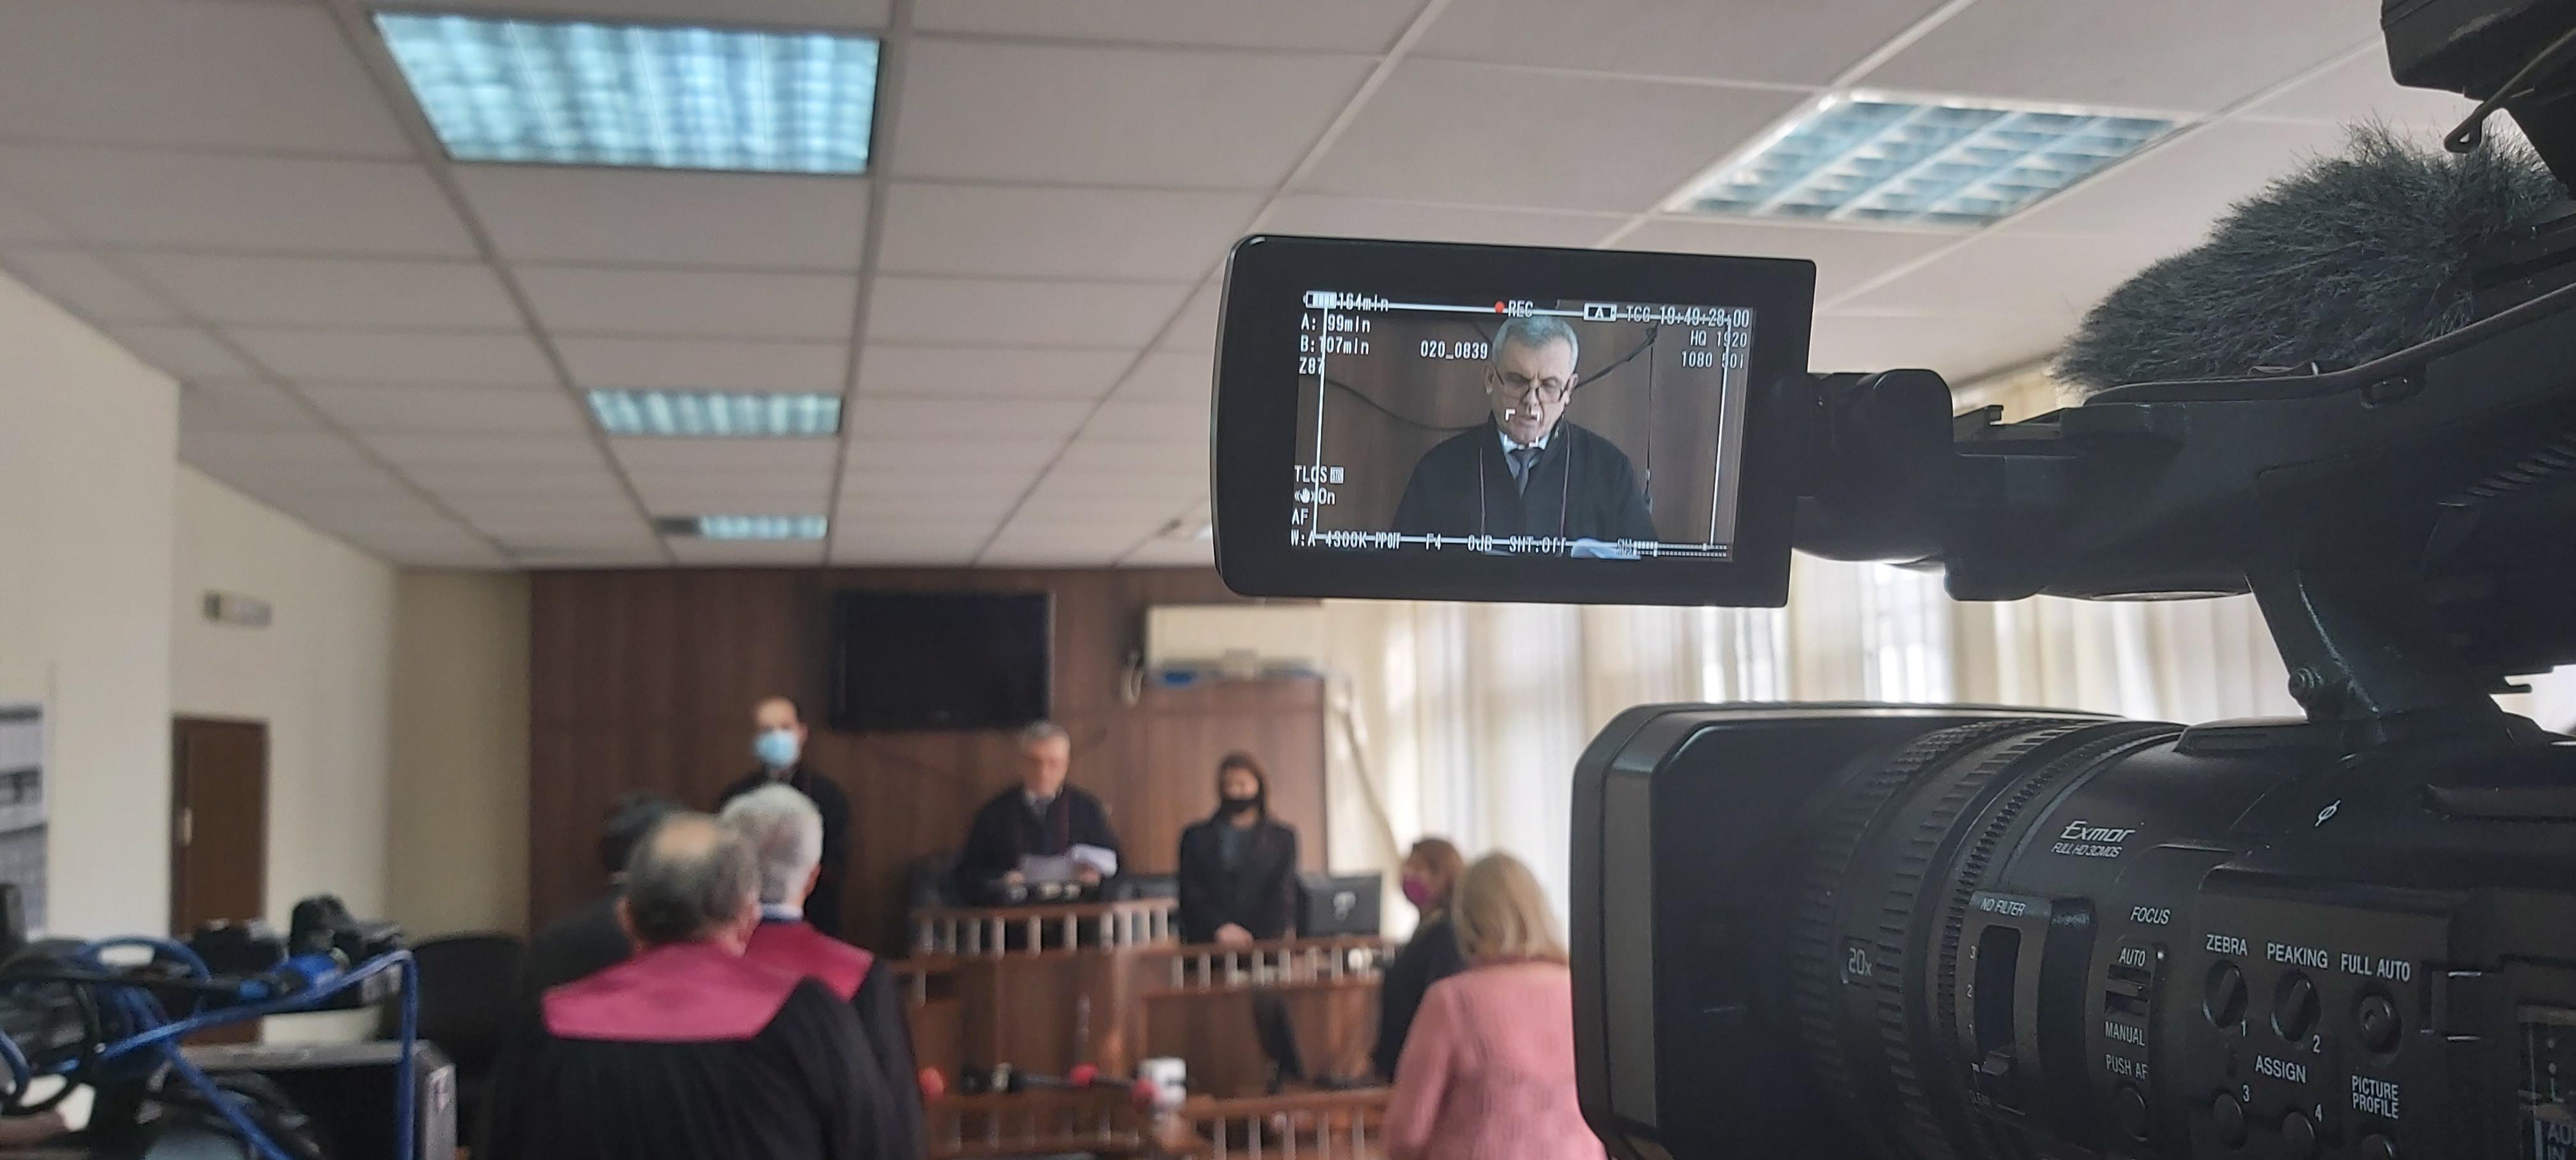 Aktgjykim dënues ndaj katër të pandehurve për keqpërdorimi të detyrës zyrtare, mashtrim dhe shmangie nga tatimi